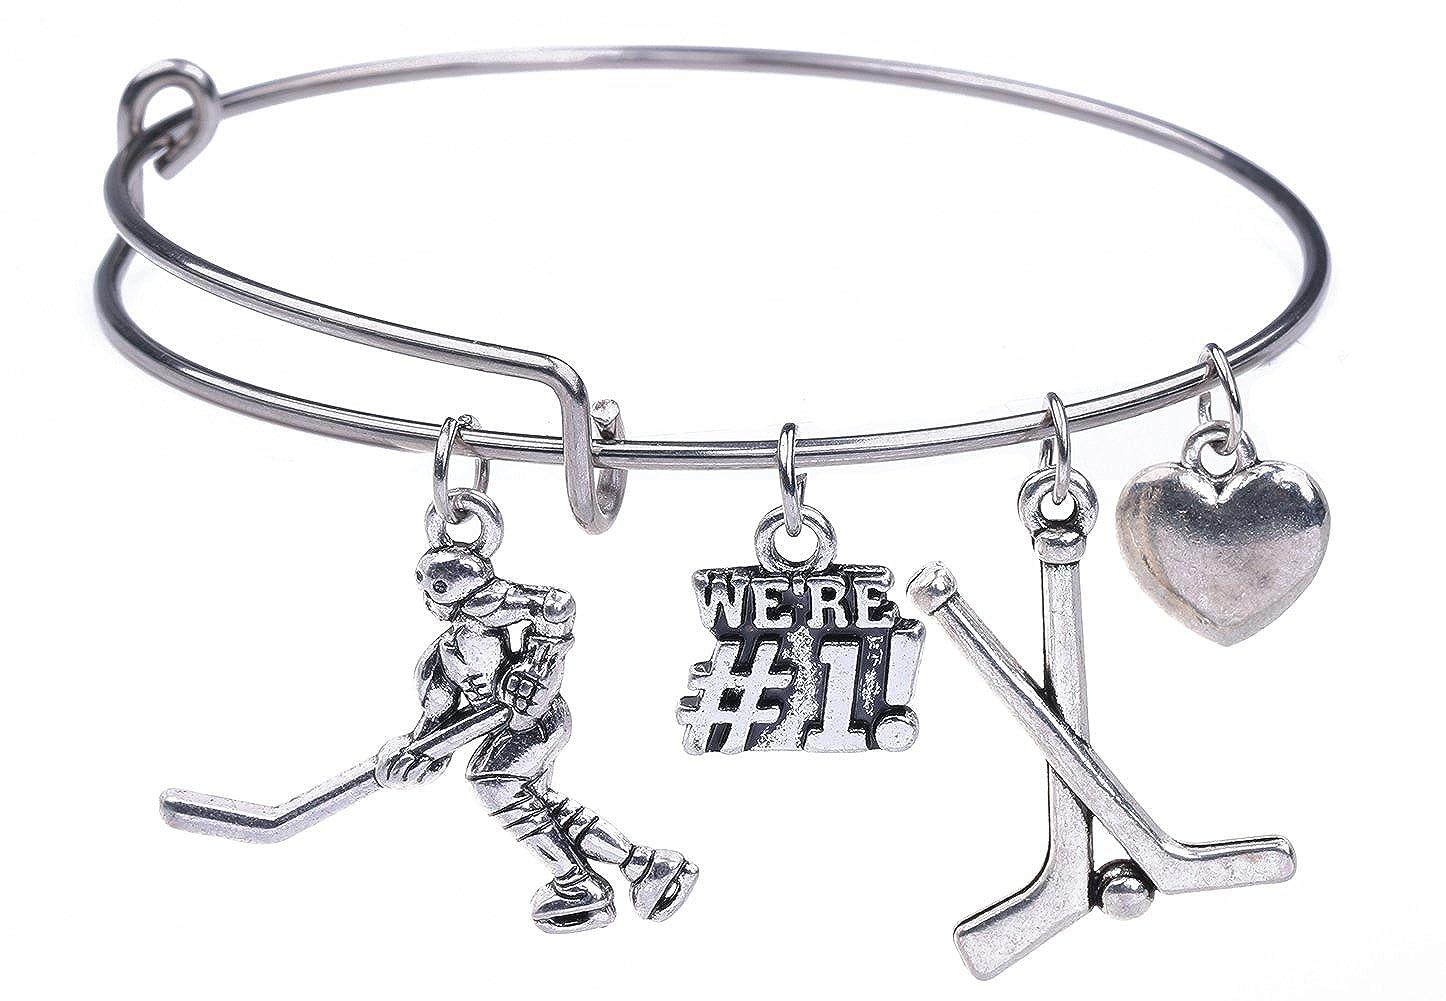 Acciaio inossidabile Puckster Ice hockey stick We' Re # 1 charm braccialetto sport creazione di gioielli per ragazze YiYou